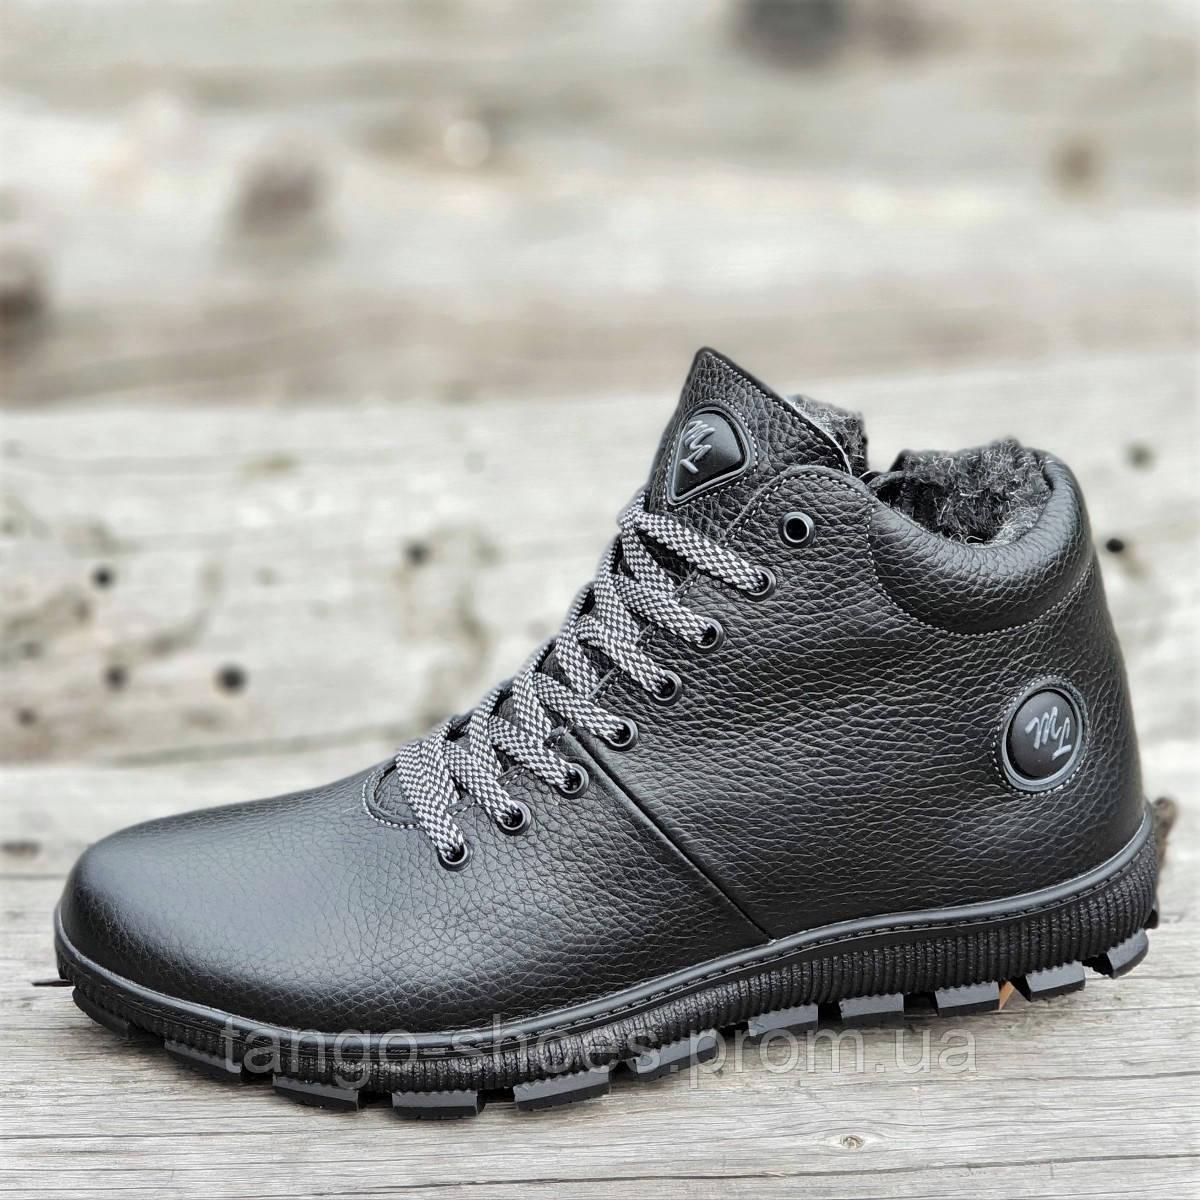 dec6282f4 Подростковые зимние классические ботинки на мальчика на шнурках и молнии  кожаные мех черные (Код: